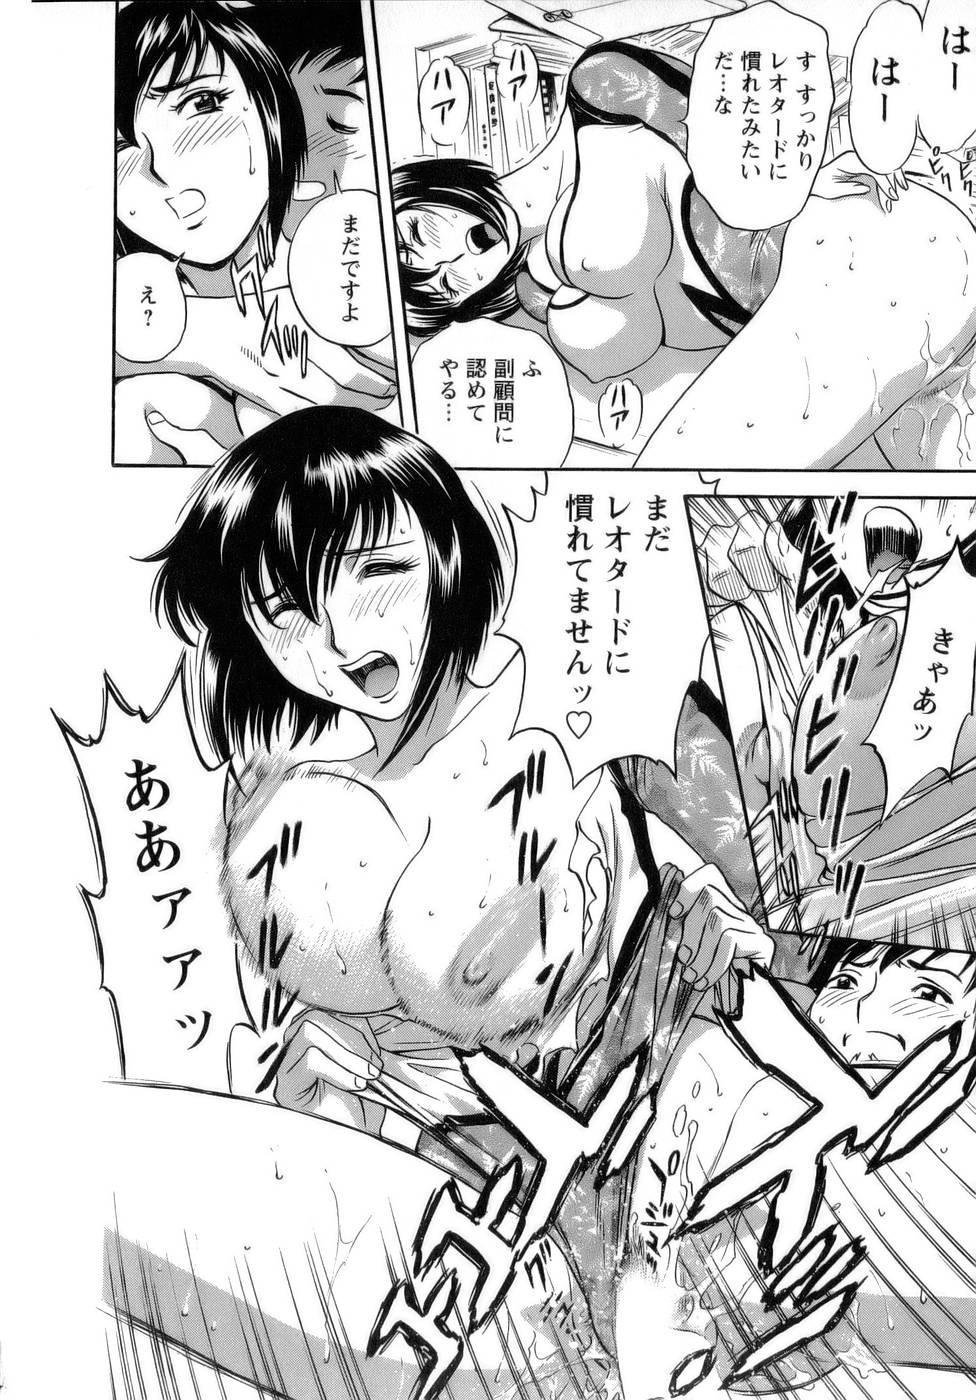 [Hidemaru] Mo-Retsu! Boin Sensei (Boing Boing Teacher) Vol.1 46